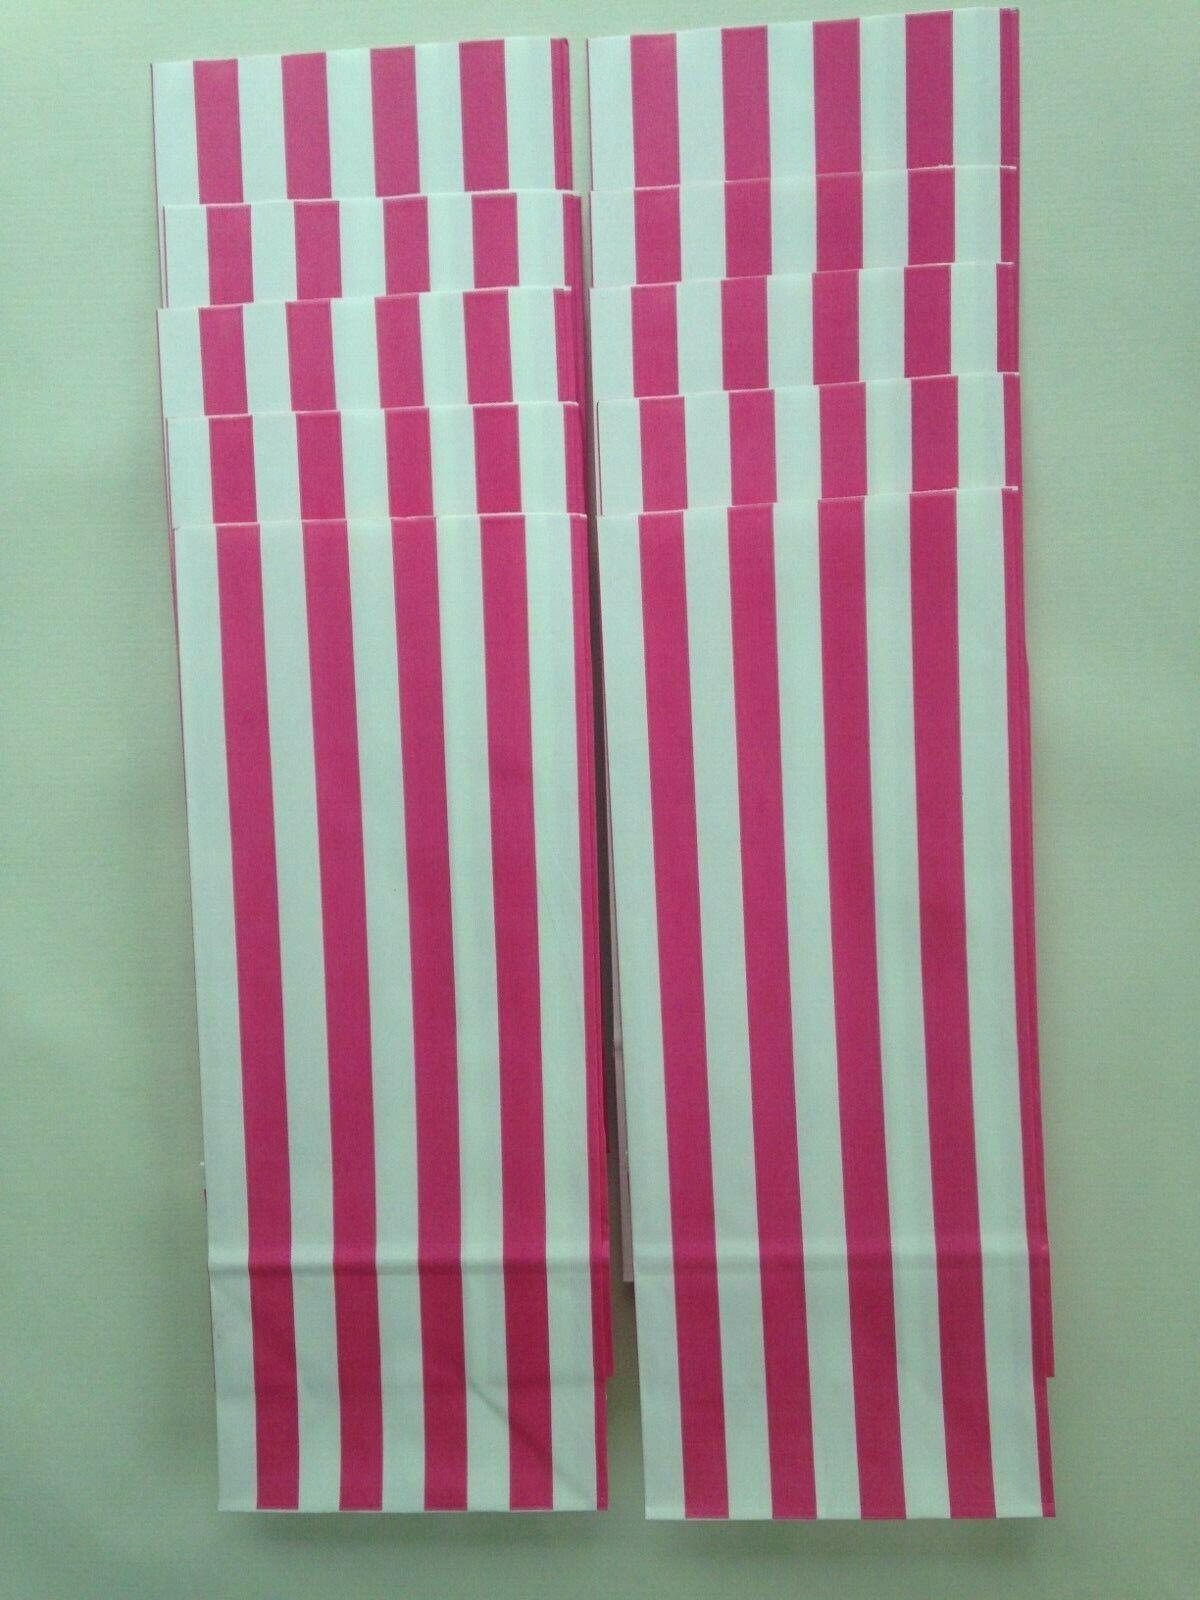 10 Pink /& White Stripe Sweet Popcorn Pick n Mix Paper Bags  26 x 10.5 x 7cm